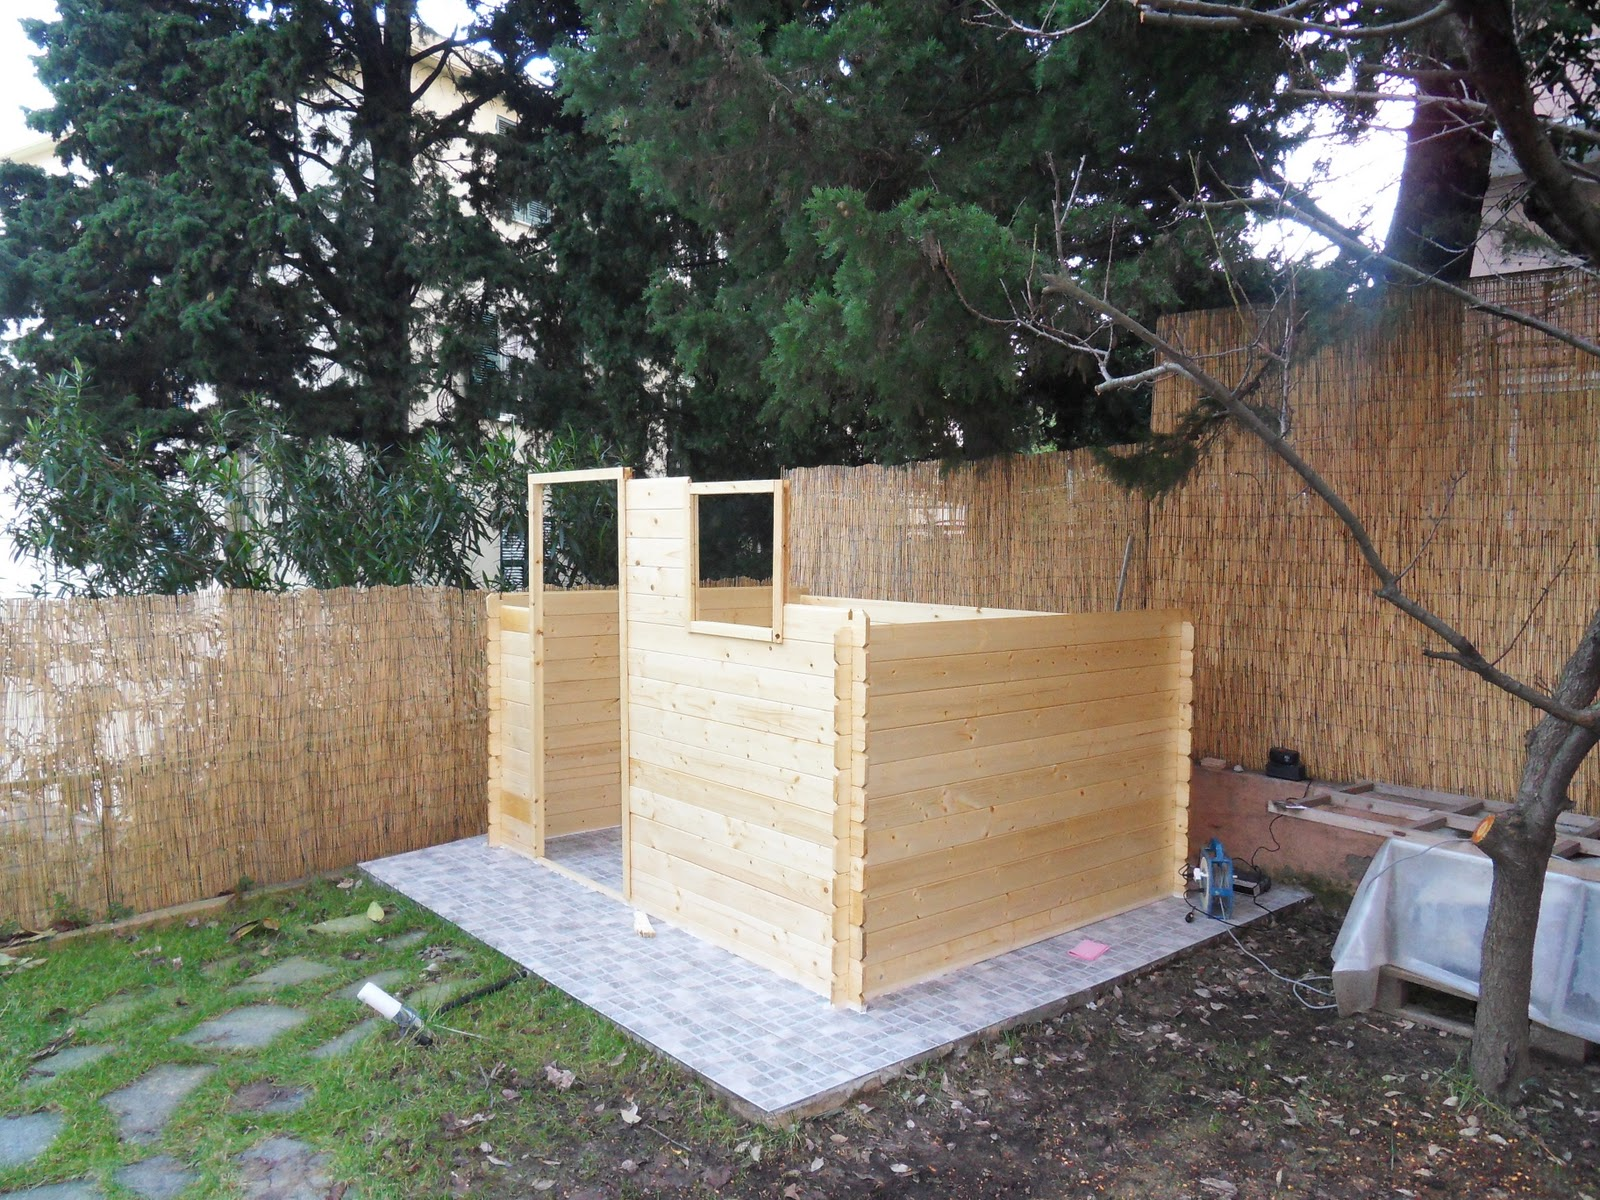 Il tuo architetto a genova febbraio 2011 for Casette di legno prezzi